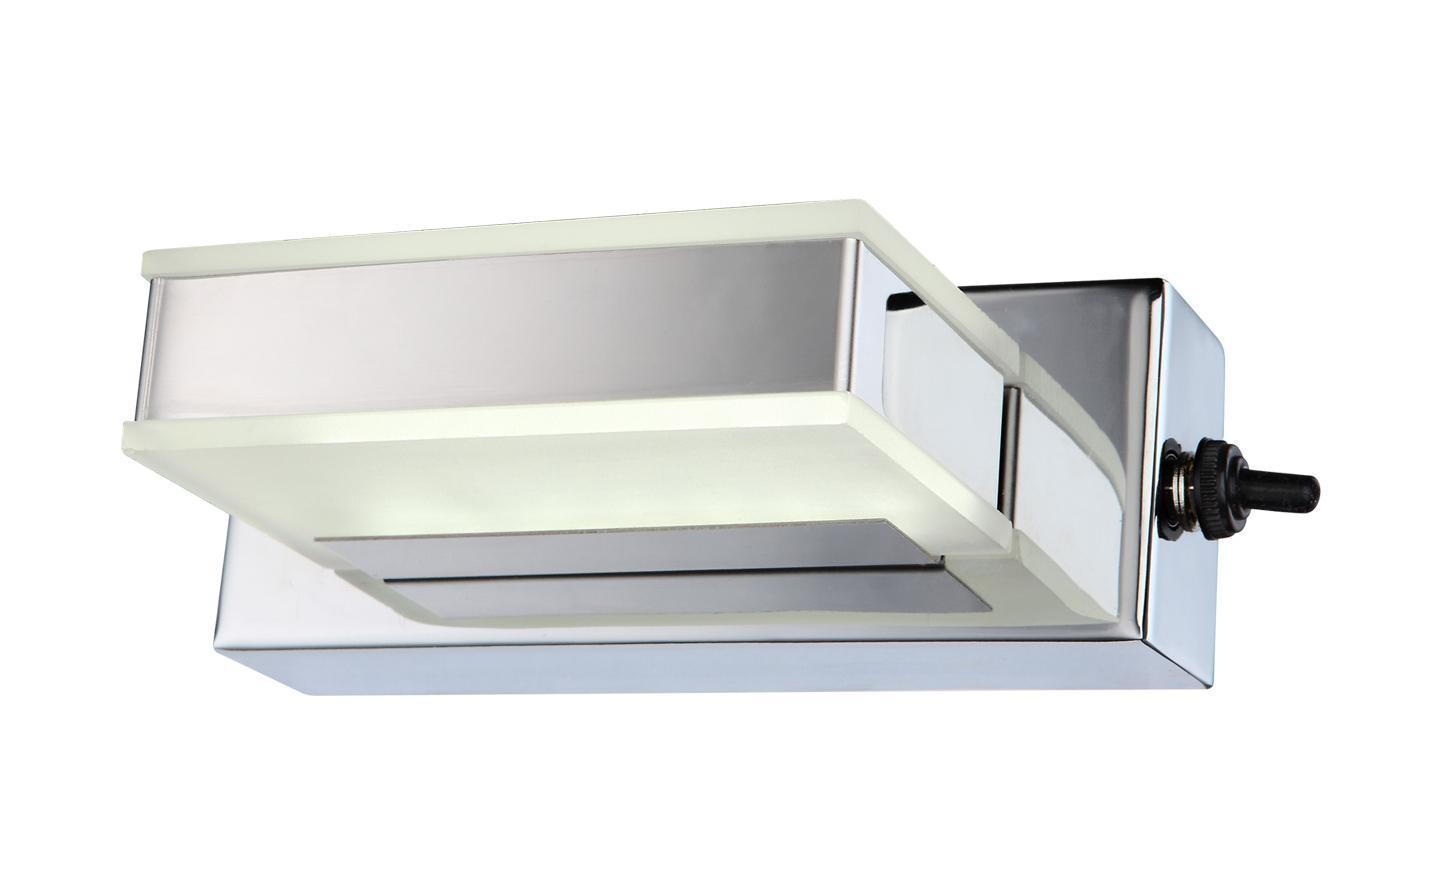 41697-1 HARPER Бра41697-1Бра с выключателем серии HARPER выполнено из металла в цвете хром с рассеивателем из белого акрила. Источником света служит 1 светодиодный (LED) модуль со световым потоком в 120 Лм. Подходит для освещения площади в 1 кв. м. Выключатель расположен на корпусе. Дает теплый свет, близкий к обычной лампе накаливания.